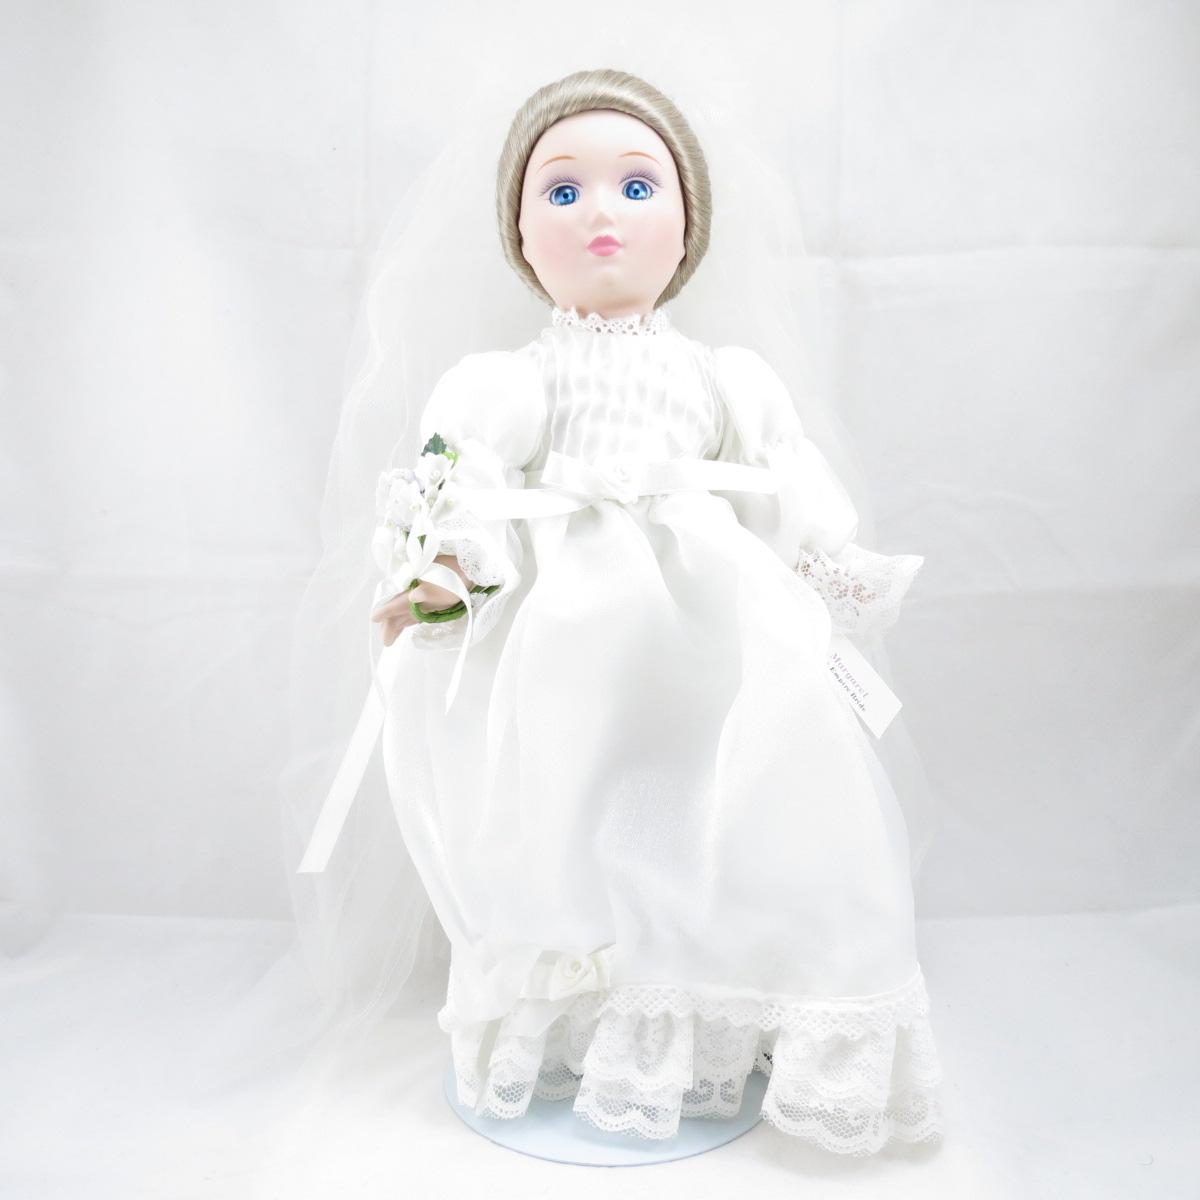 """Декоративная коллекционная фарфоровая кукла из серии """"Невесты Америки"""".Название куклы - Маргарет. Имперская Невеста. Фирма производитель - Danbury Mint, США.Высота Куклы - 33см.Сохранность - Очень хорошая, без сколов, трещин и царапин. Используется исключительно в декоративных целях. Коробка не является декоративной и предназначена для пересылки по почте, так что, может иметь пометки и потёртости, учитывая возраст куклы."""